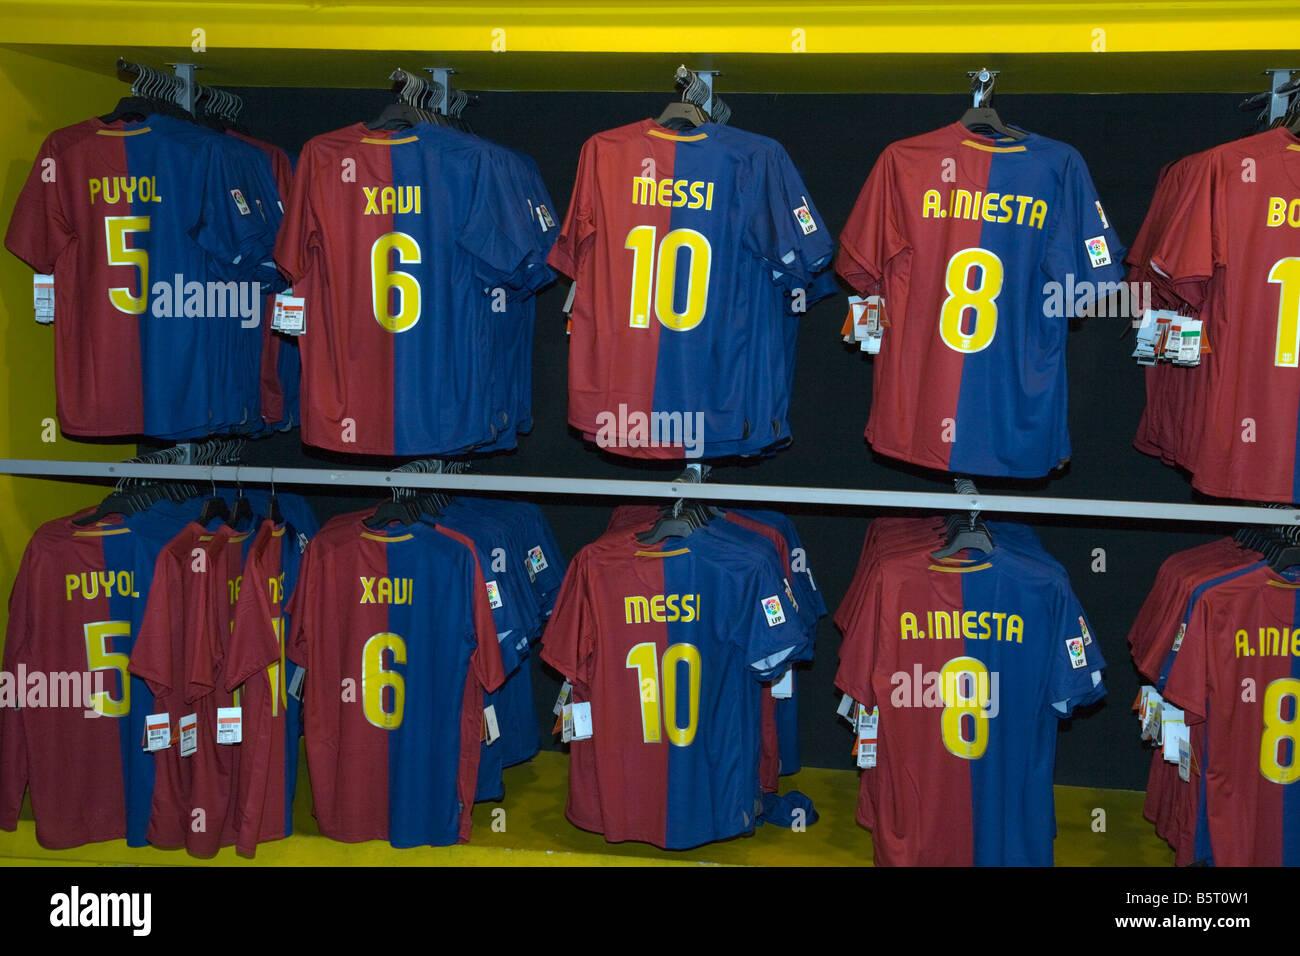 Botiga del Barça el FC Barcelona club tienda de venta de todas las últimas  camisetas de fútbol de los mejores jugadores e9938726d5e